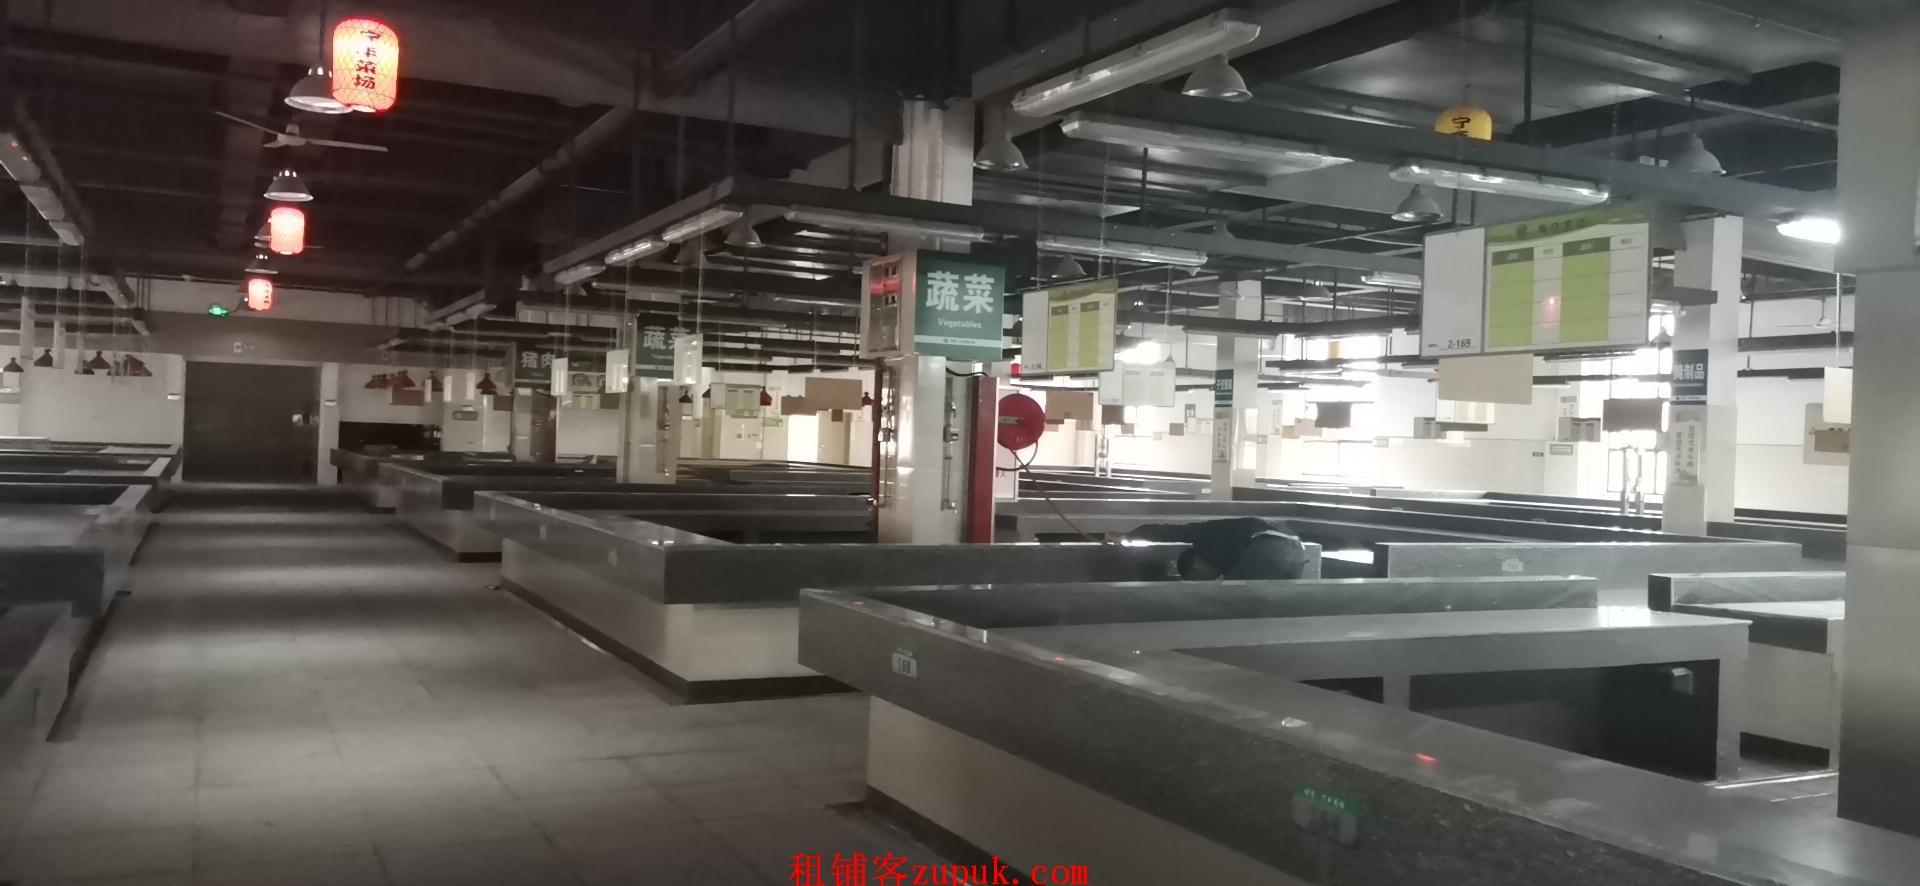 出租鄞州区宁丰菜场档口摊位